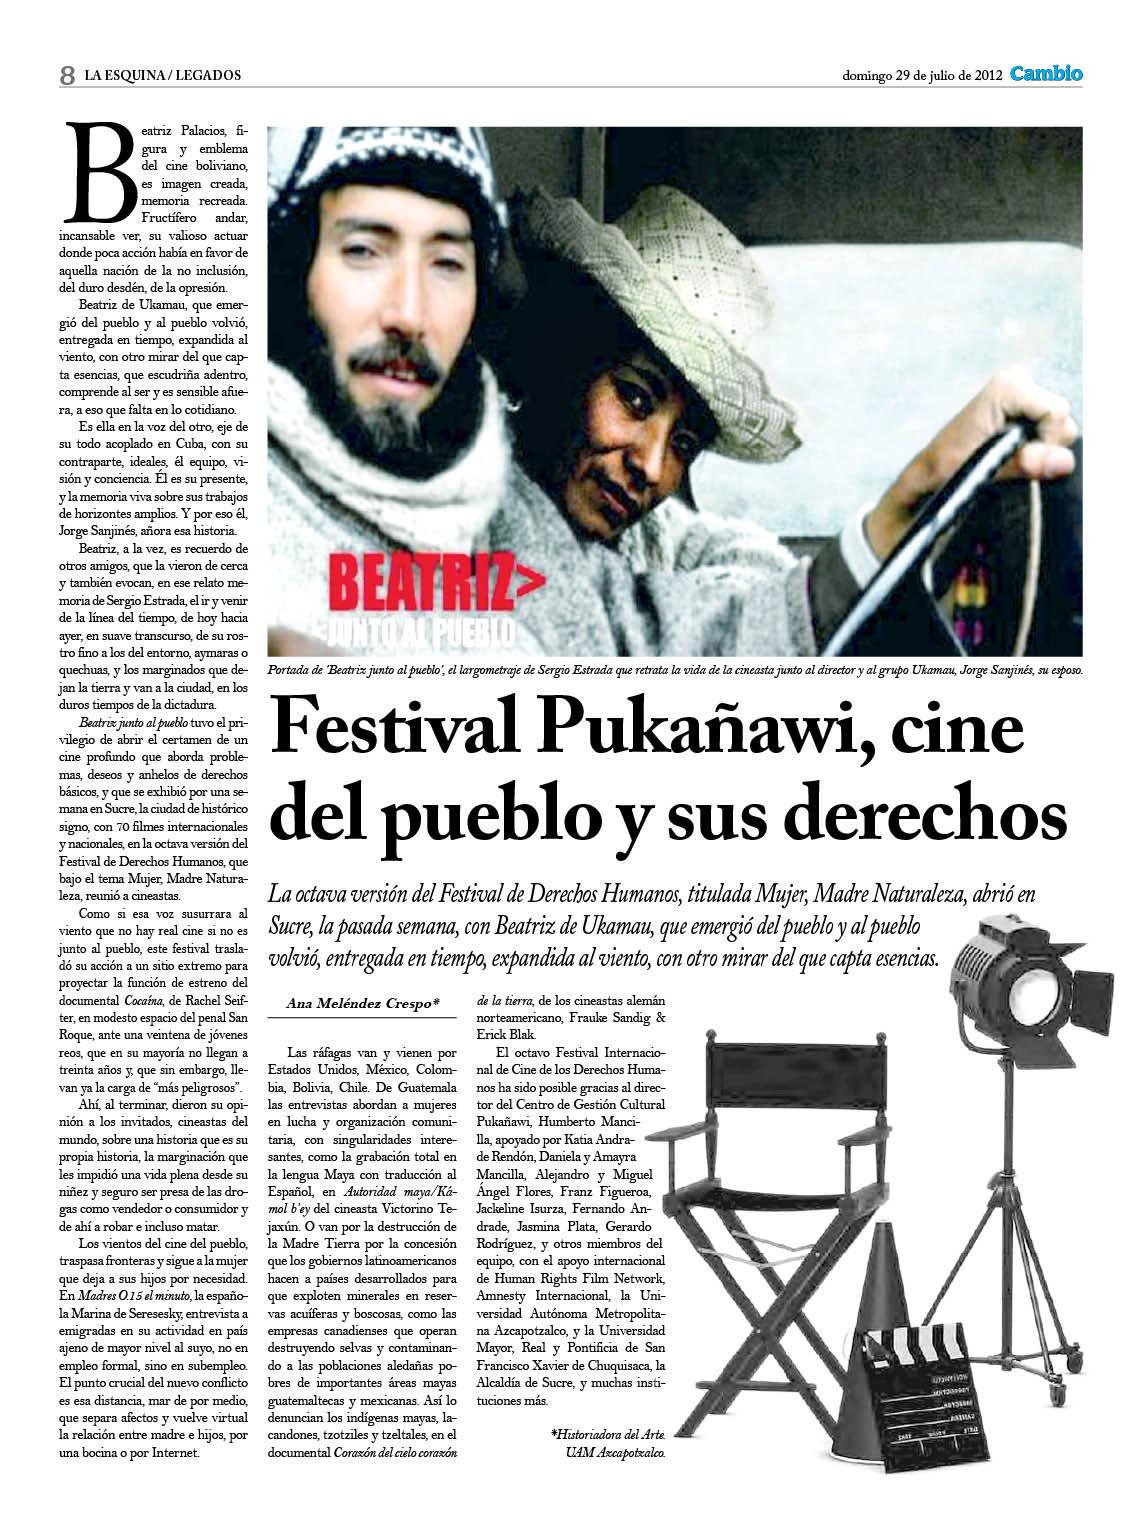 Festival Pukañawi Festival del pueblo y sus derechos